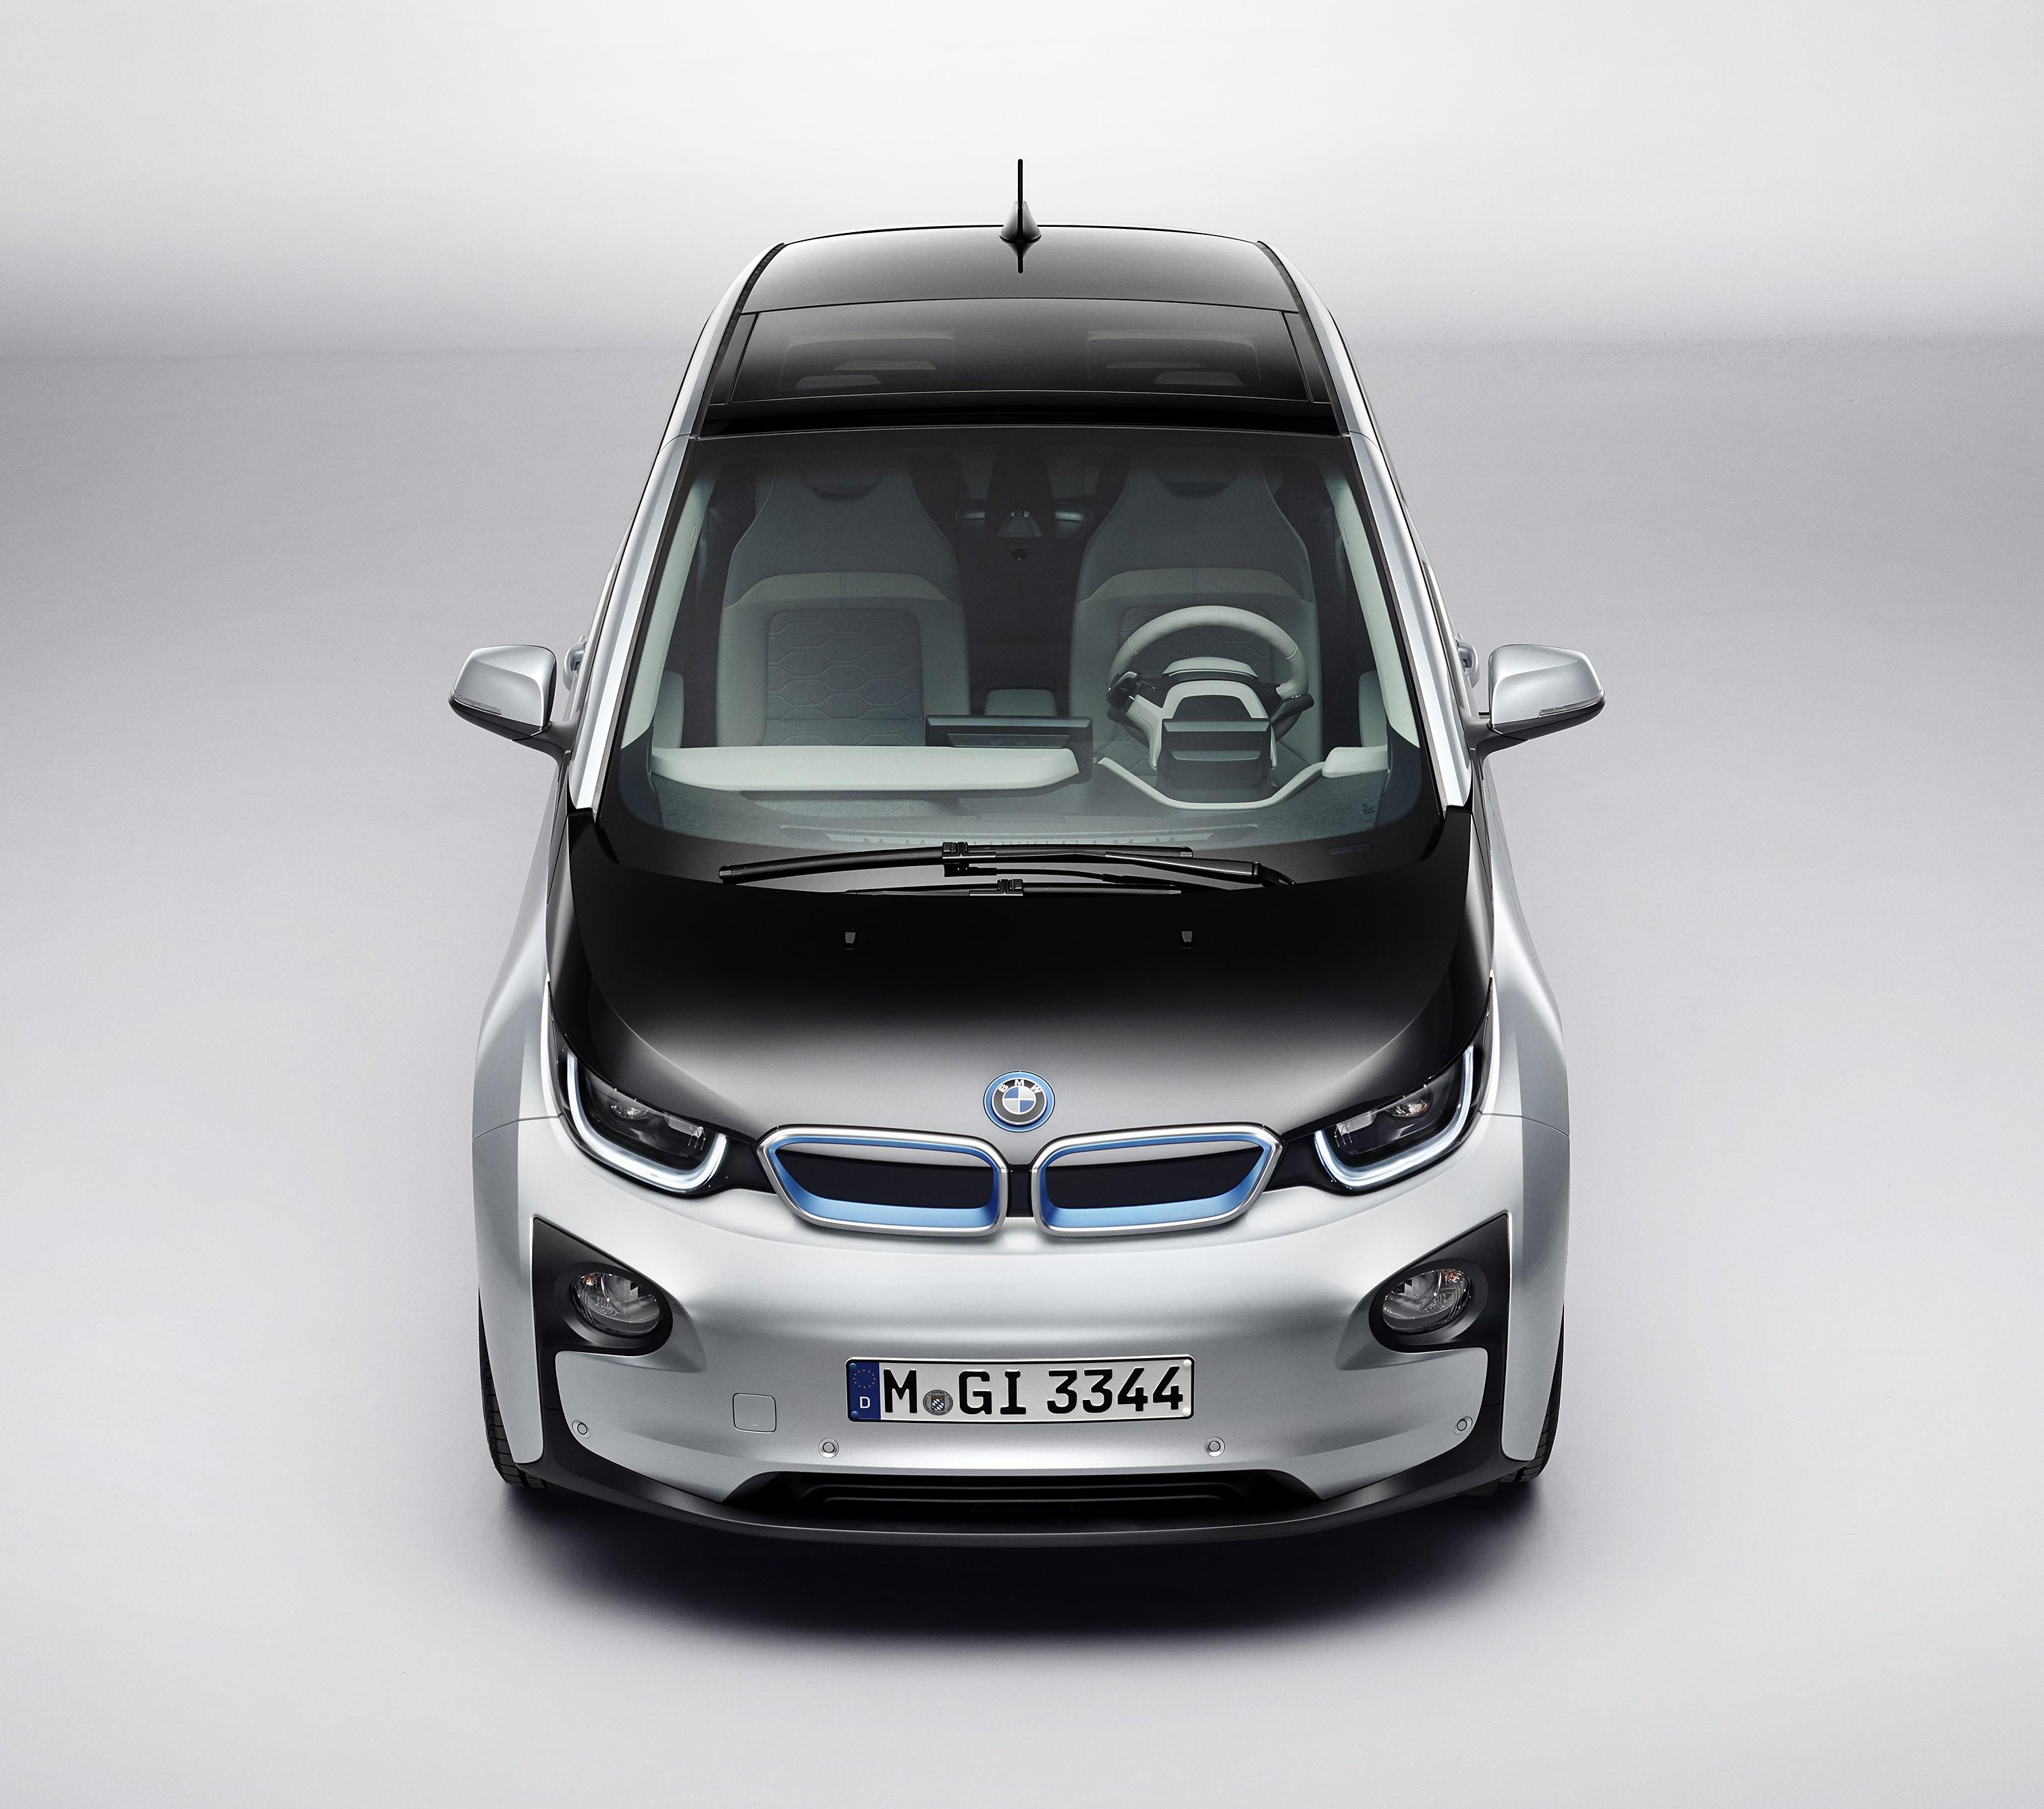 Full Details On BMW's New EV Paul